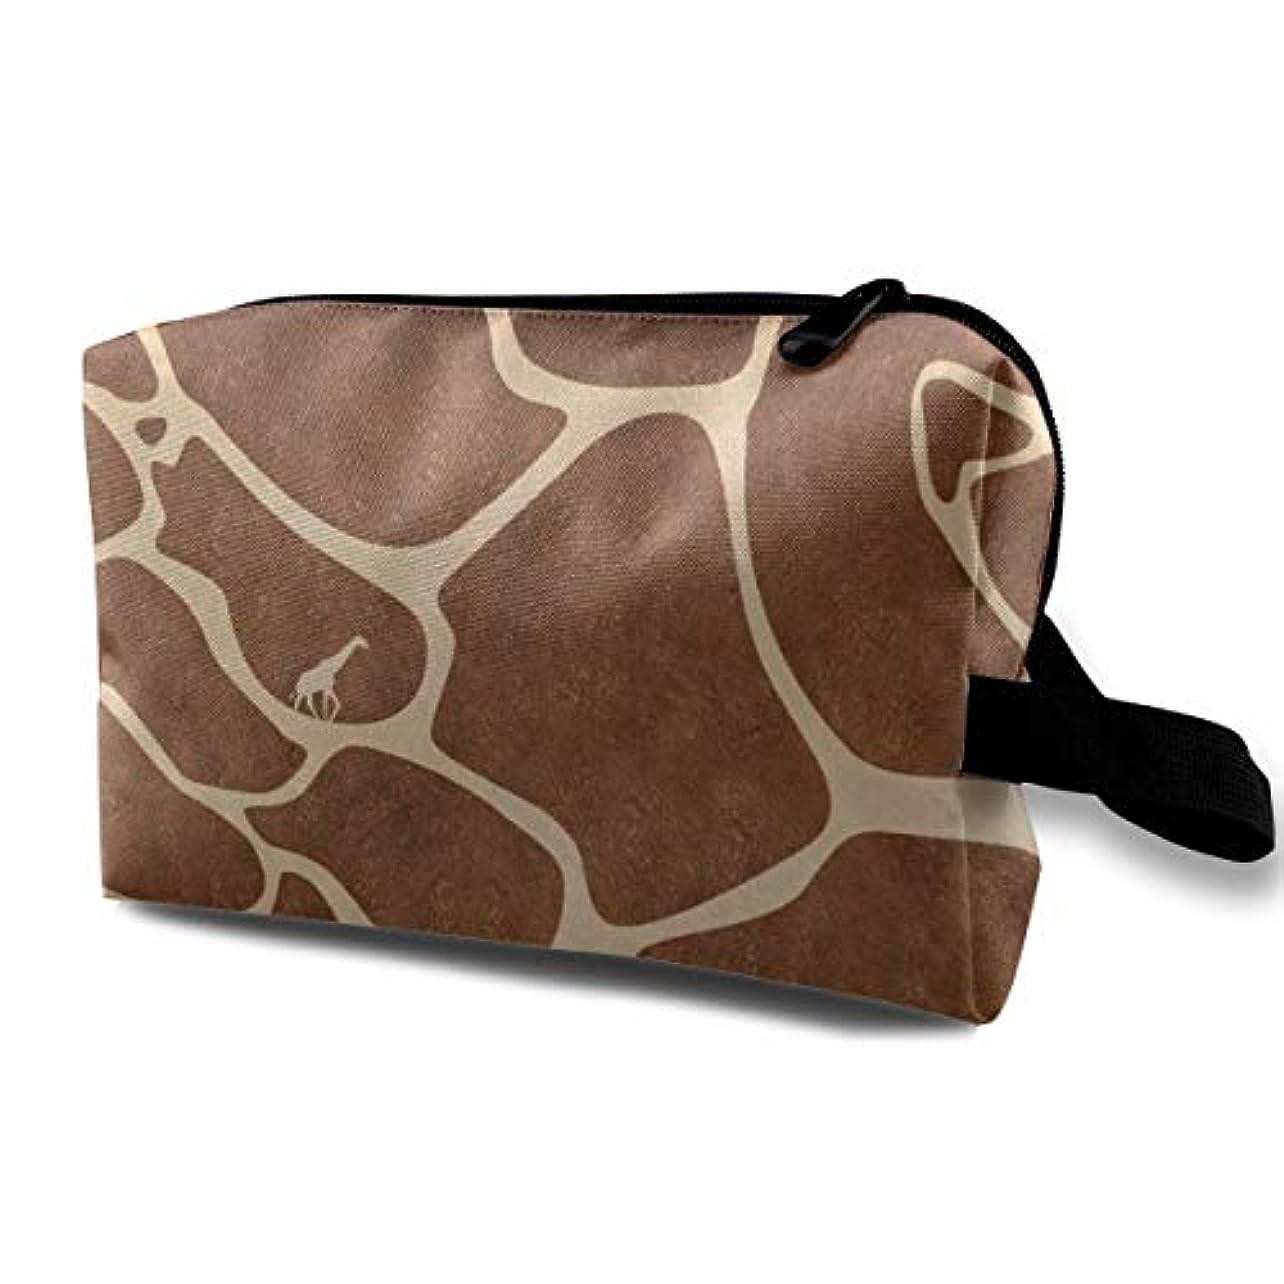 マガジン大きい引き付けるGiraffe Skin Vector 収納ポーチ 化粧ポーチ 大容量 軽量 耐久性 ハンドル付持ち運び便利。入れ 自宅?出張?旅行?アウトドア撮影などに対応。メンズ レディース トラベルグッズ